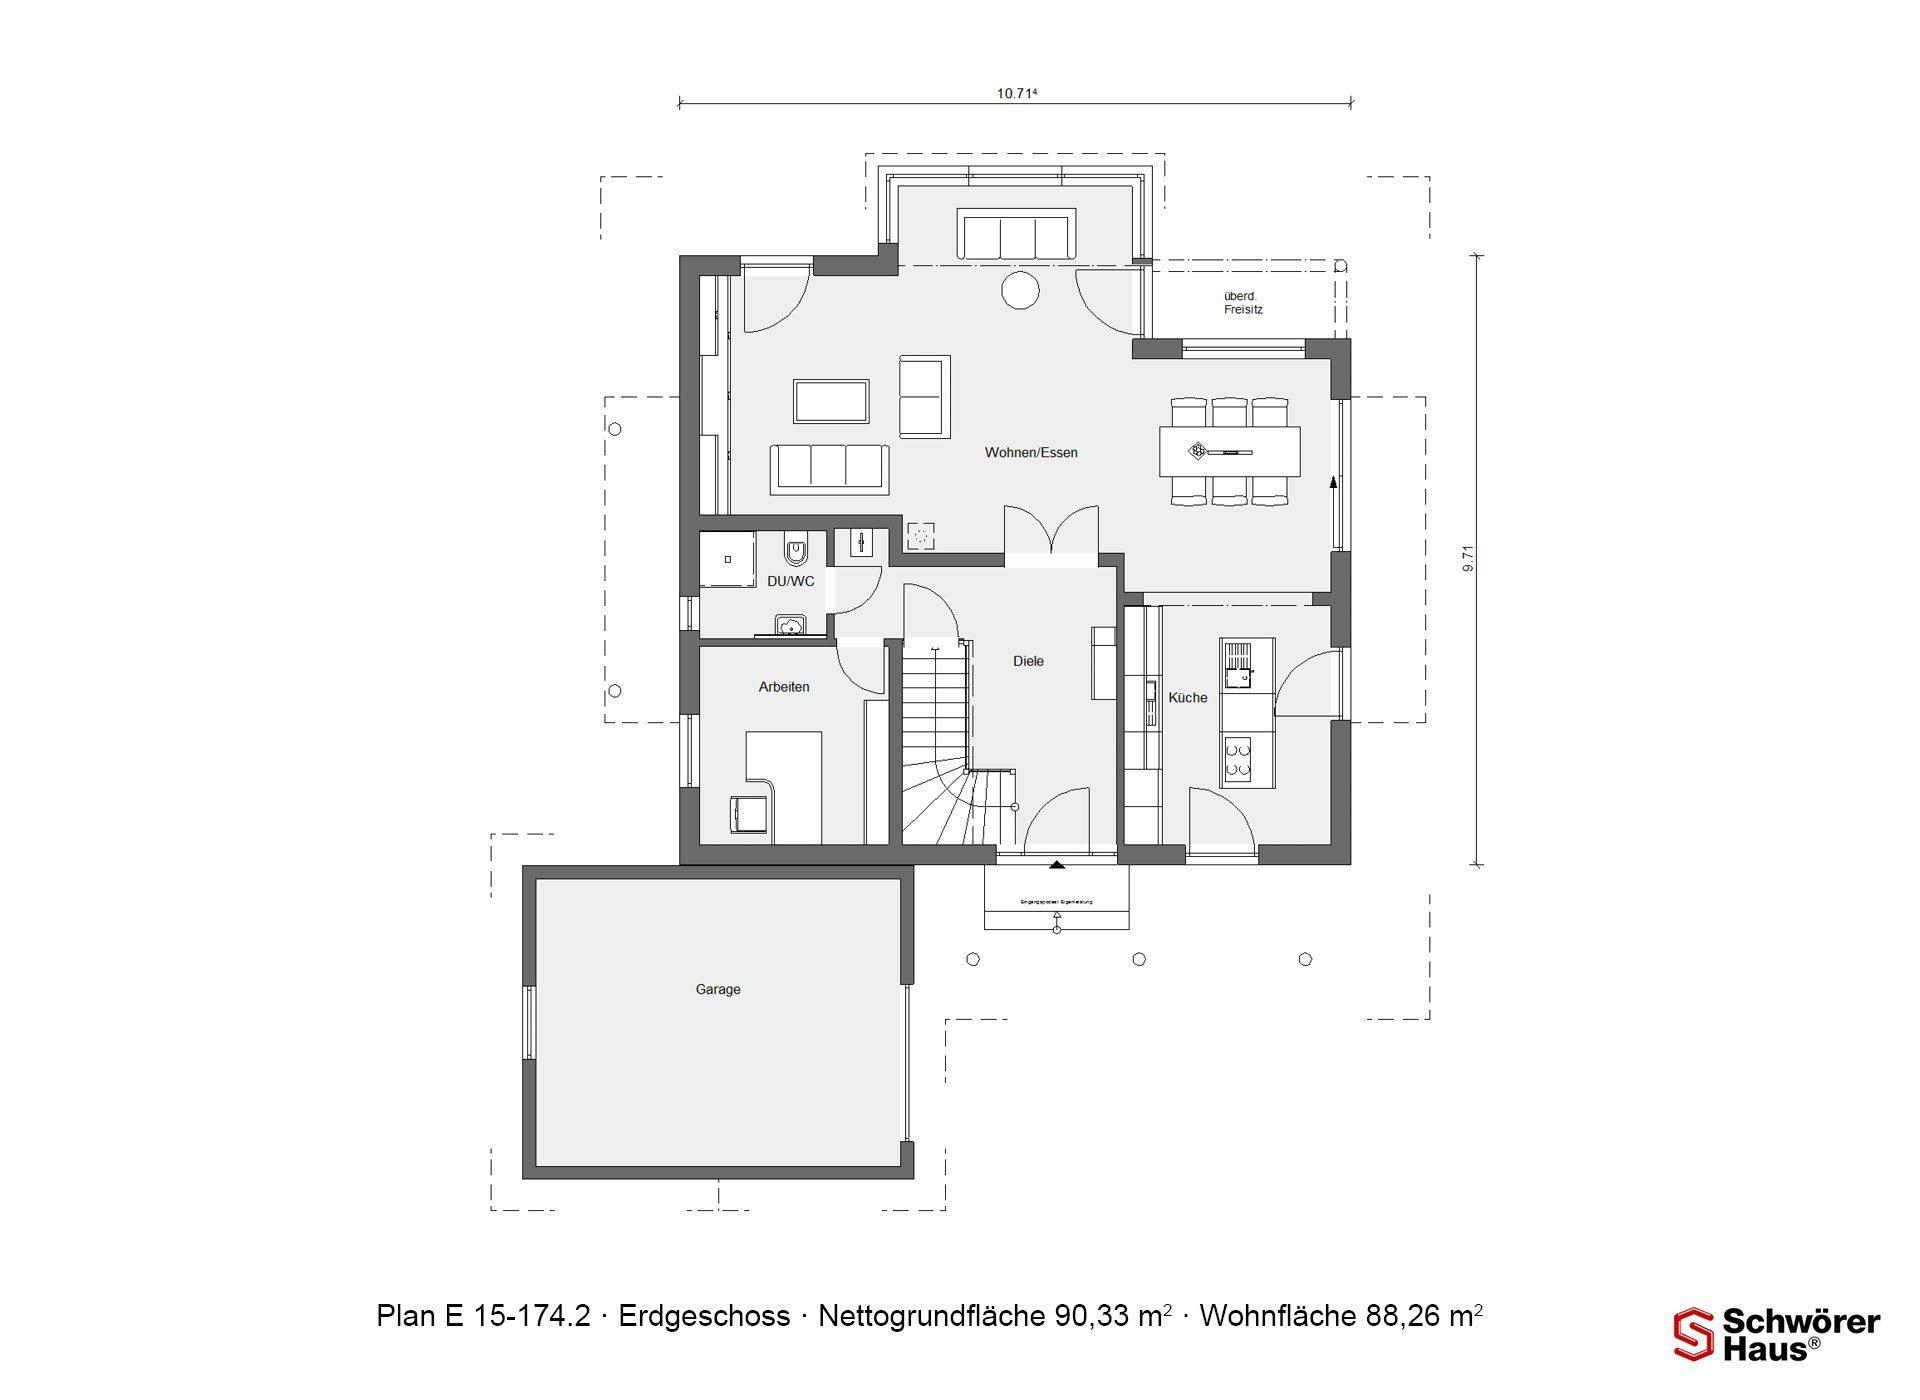 Musterhaus Estenfeld - Eine Nahaufnahme eines Geräts - Gebäudeplan